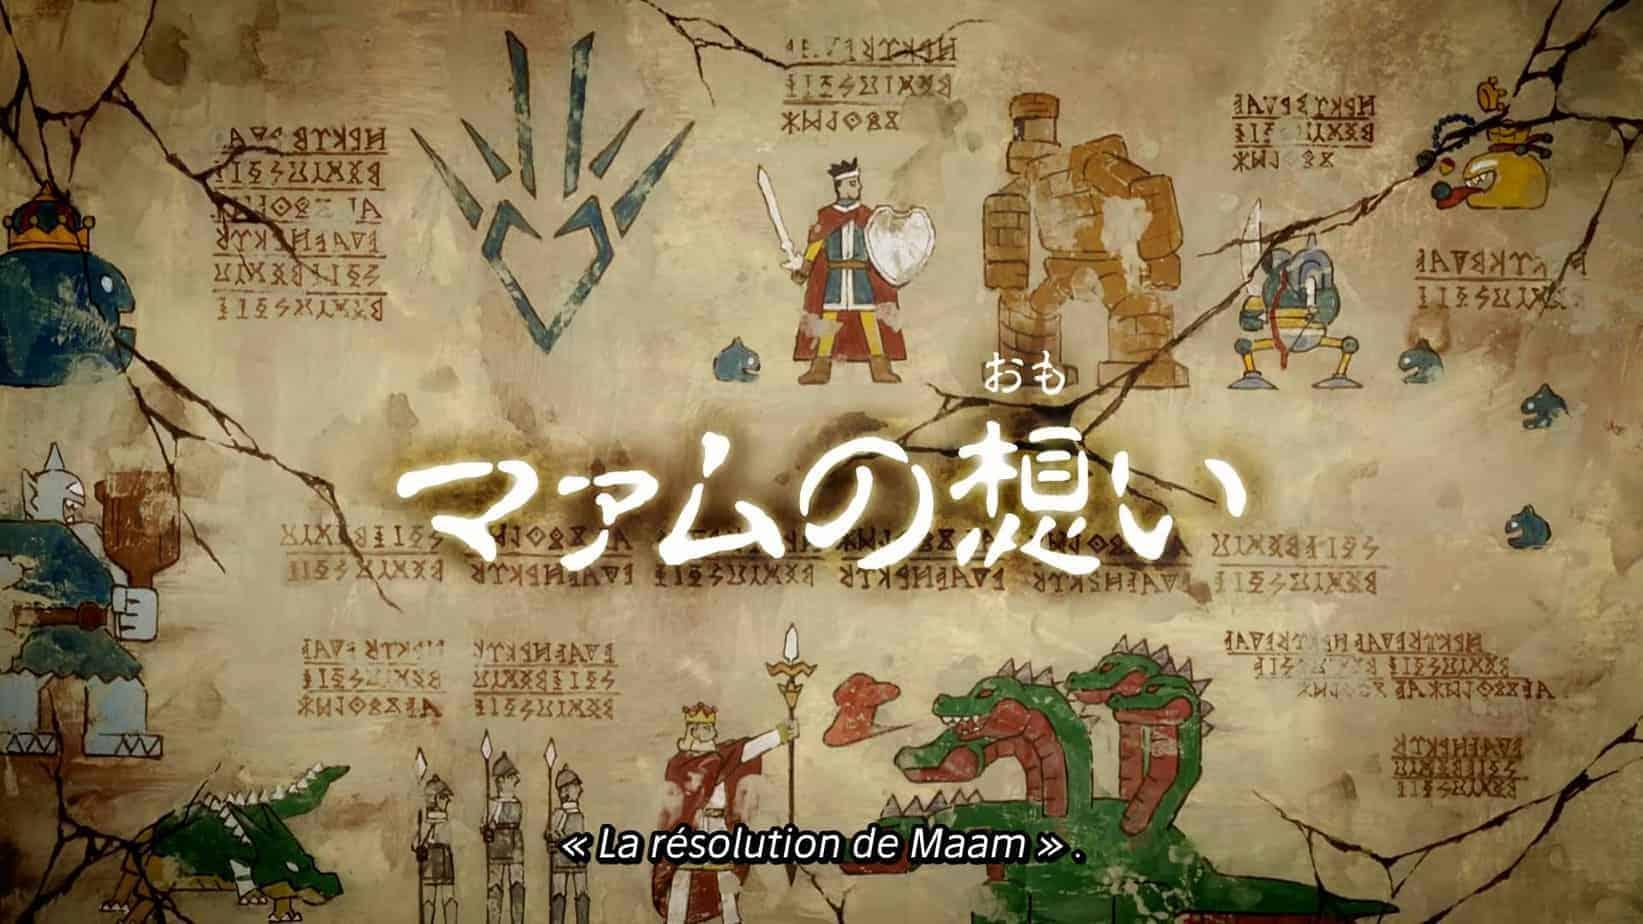 DRAGON QUEST: The Adventure of Daï épisode 7 vostfr - La Résolution de Maam 6